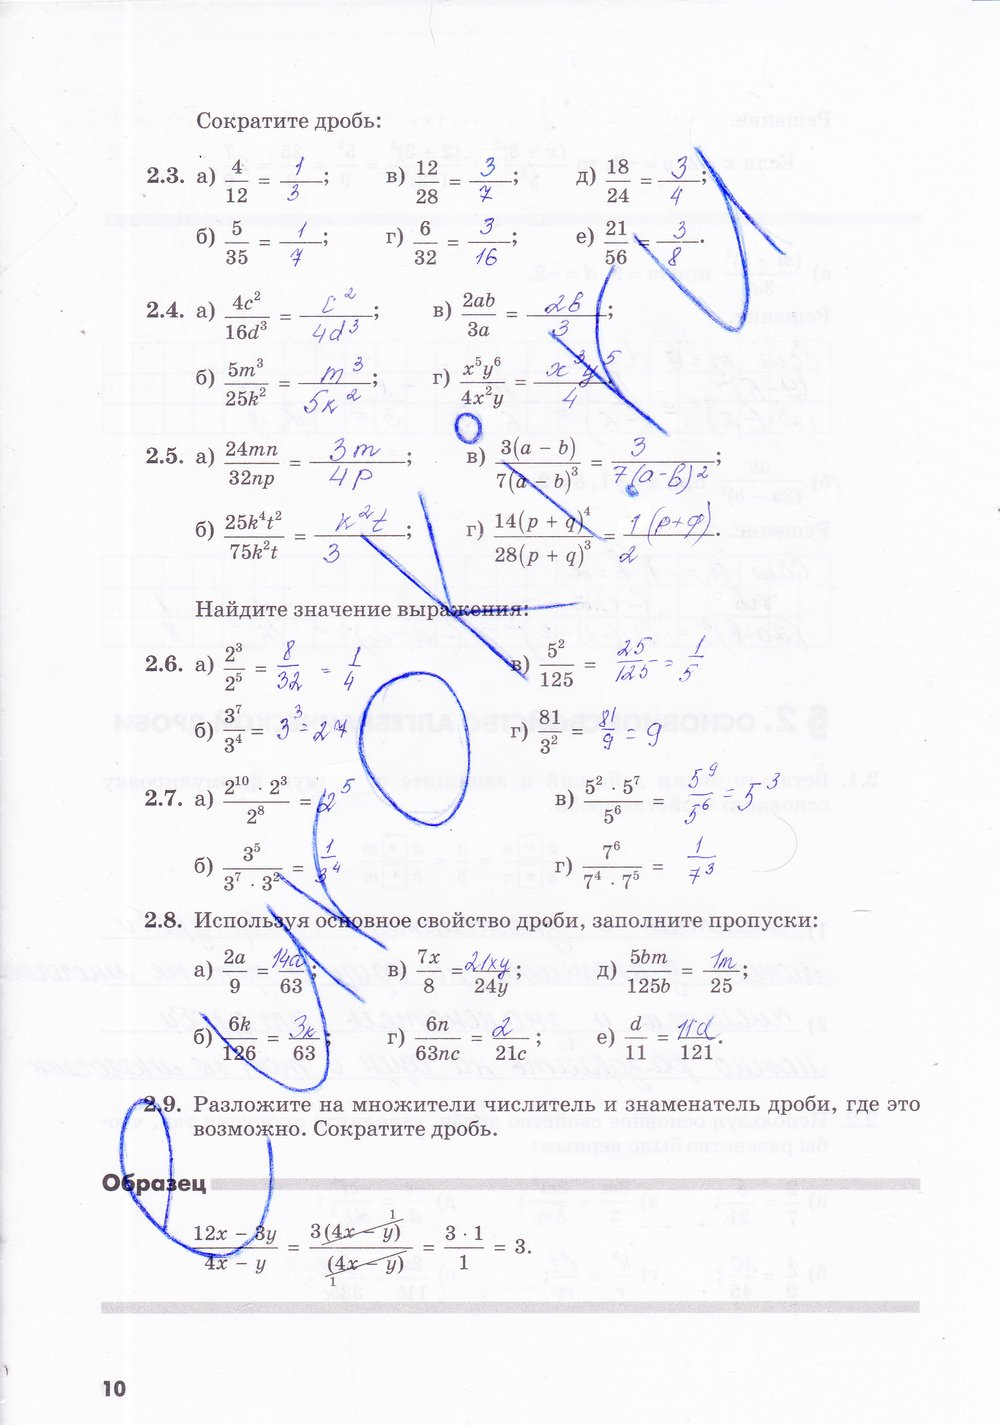 Зубарева алгебре гдз класс тетрадь 8 по часть 1 рабочая